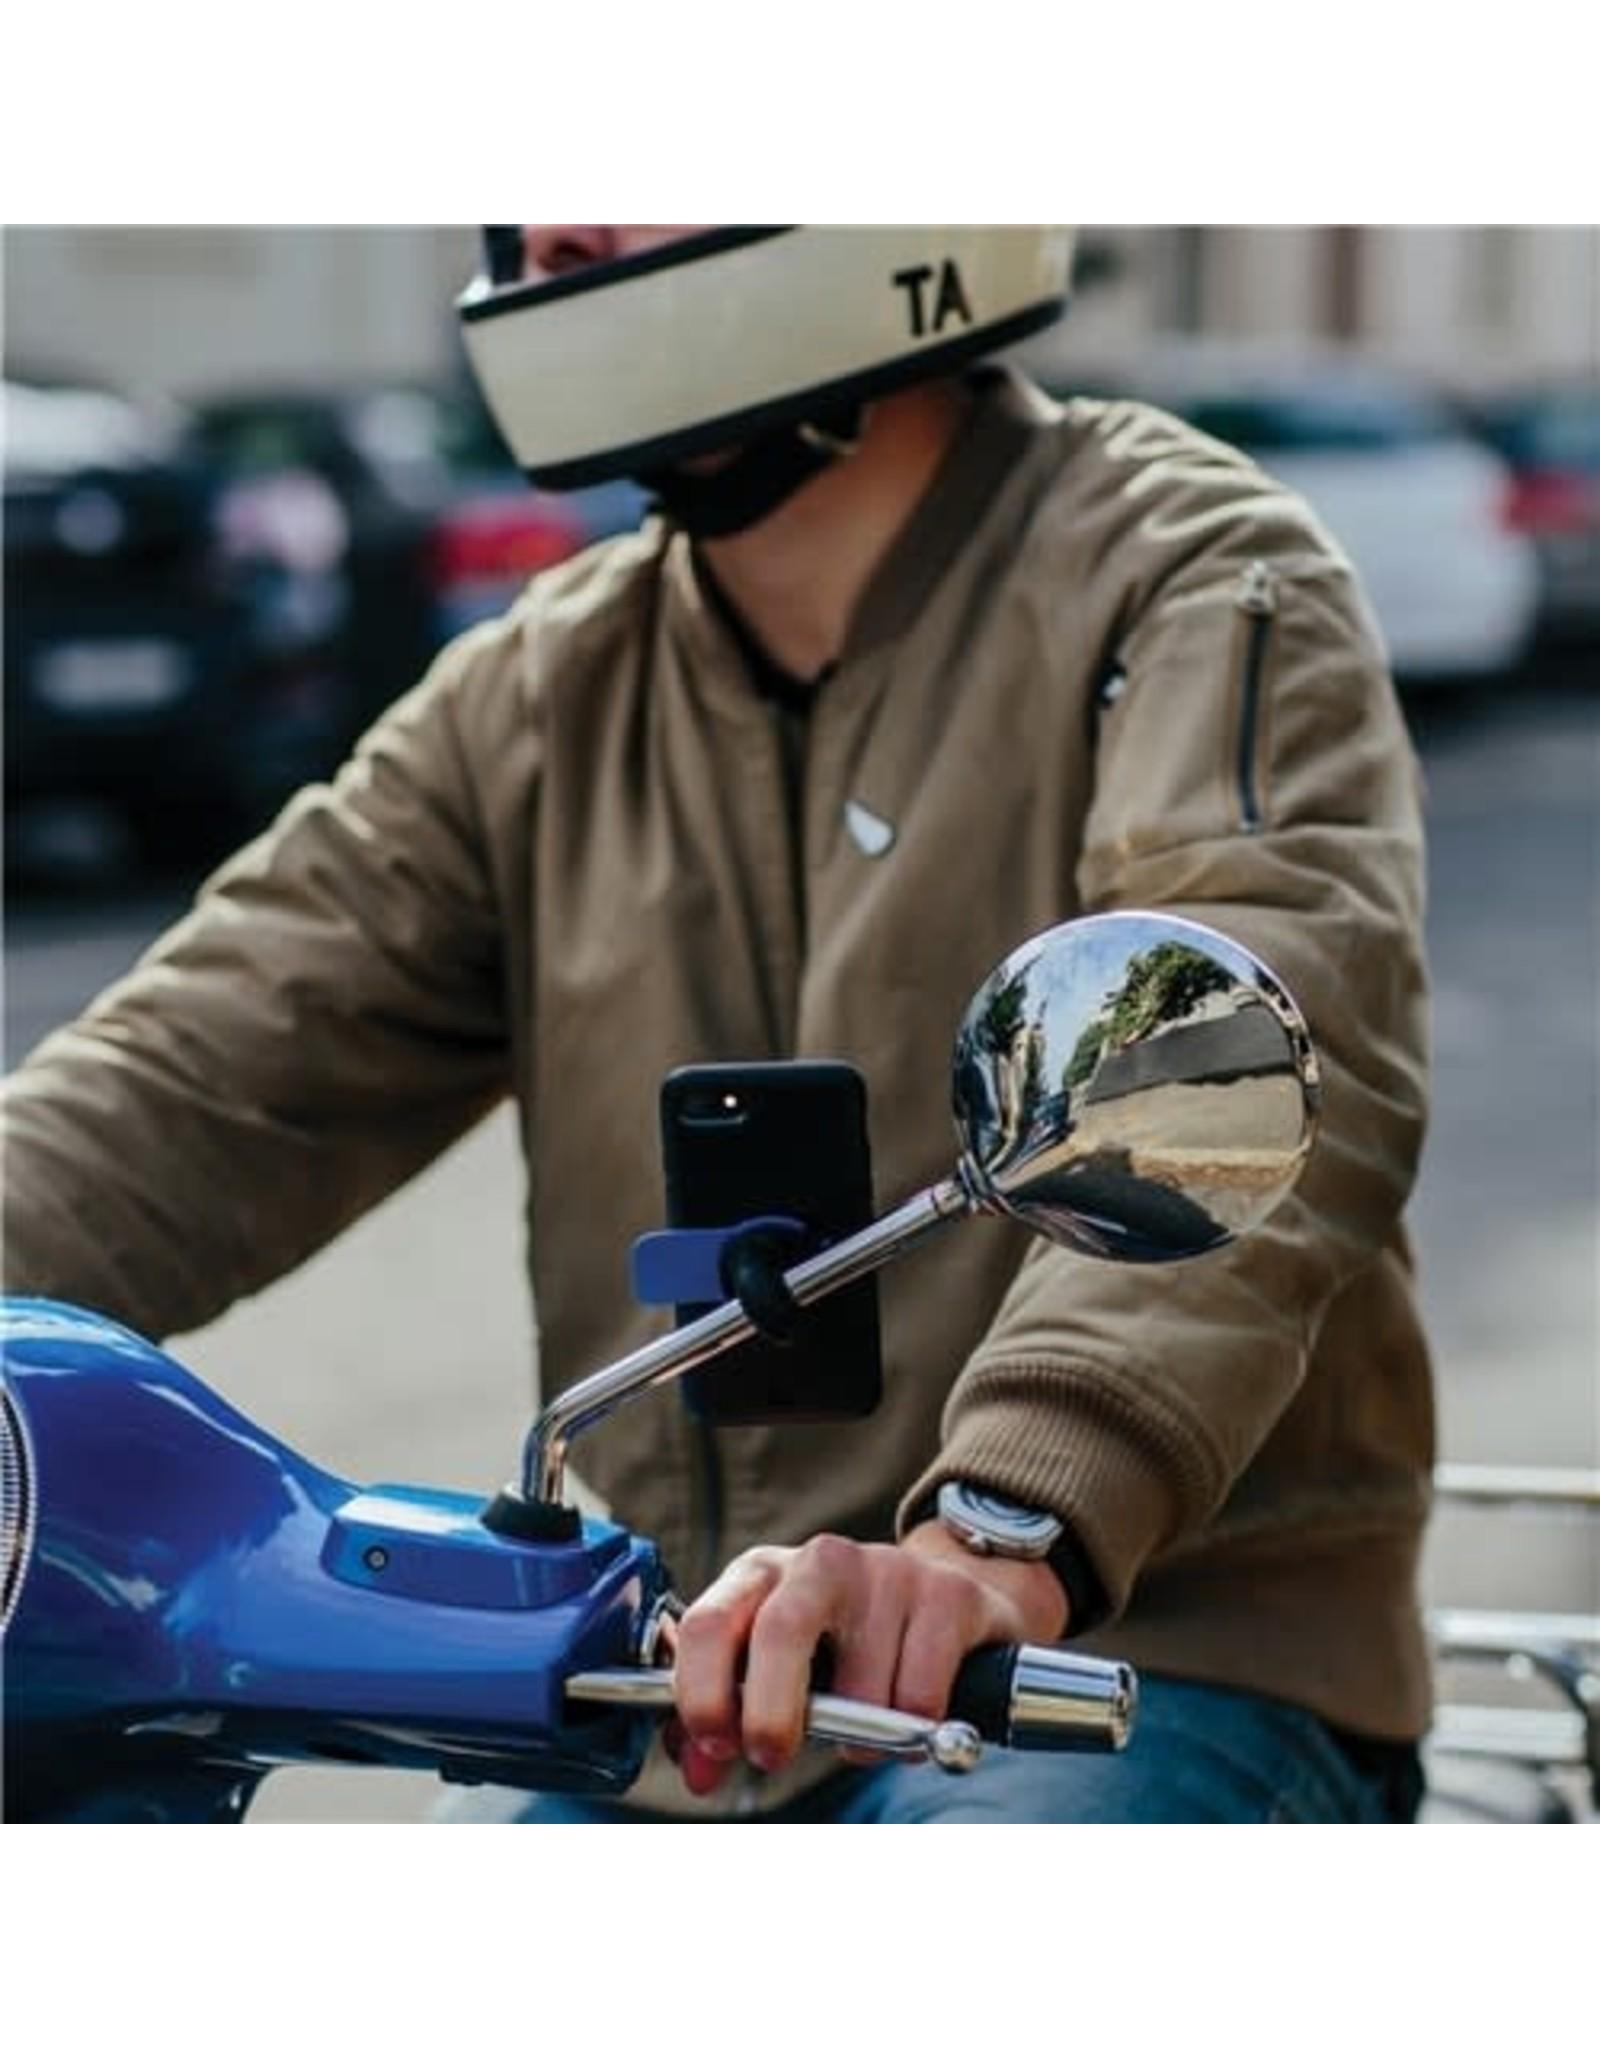 QUAD LOCK QUAD LOCK MOTORCYCLE MIRROR MOUNT PHONE HOLDER